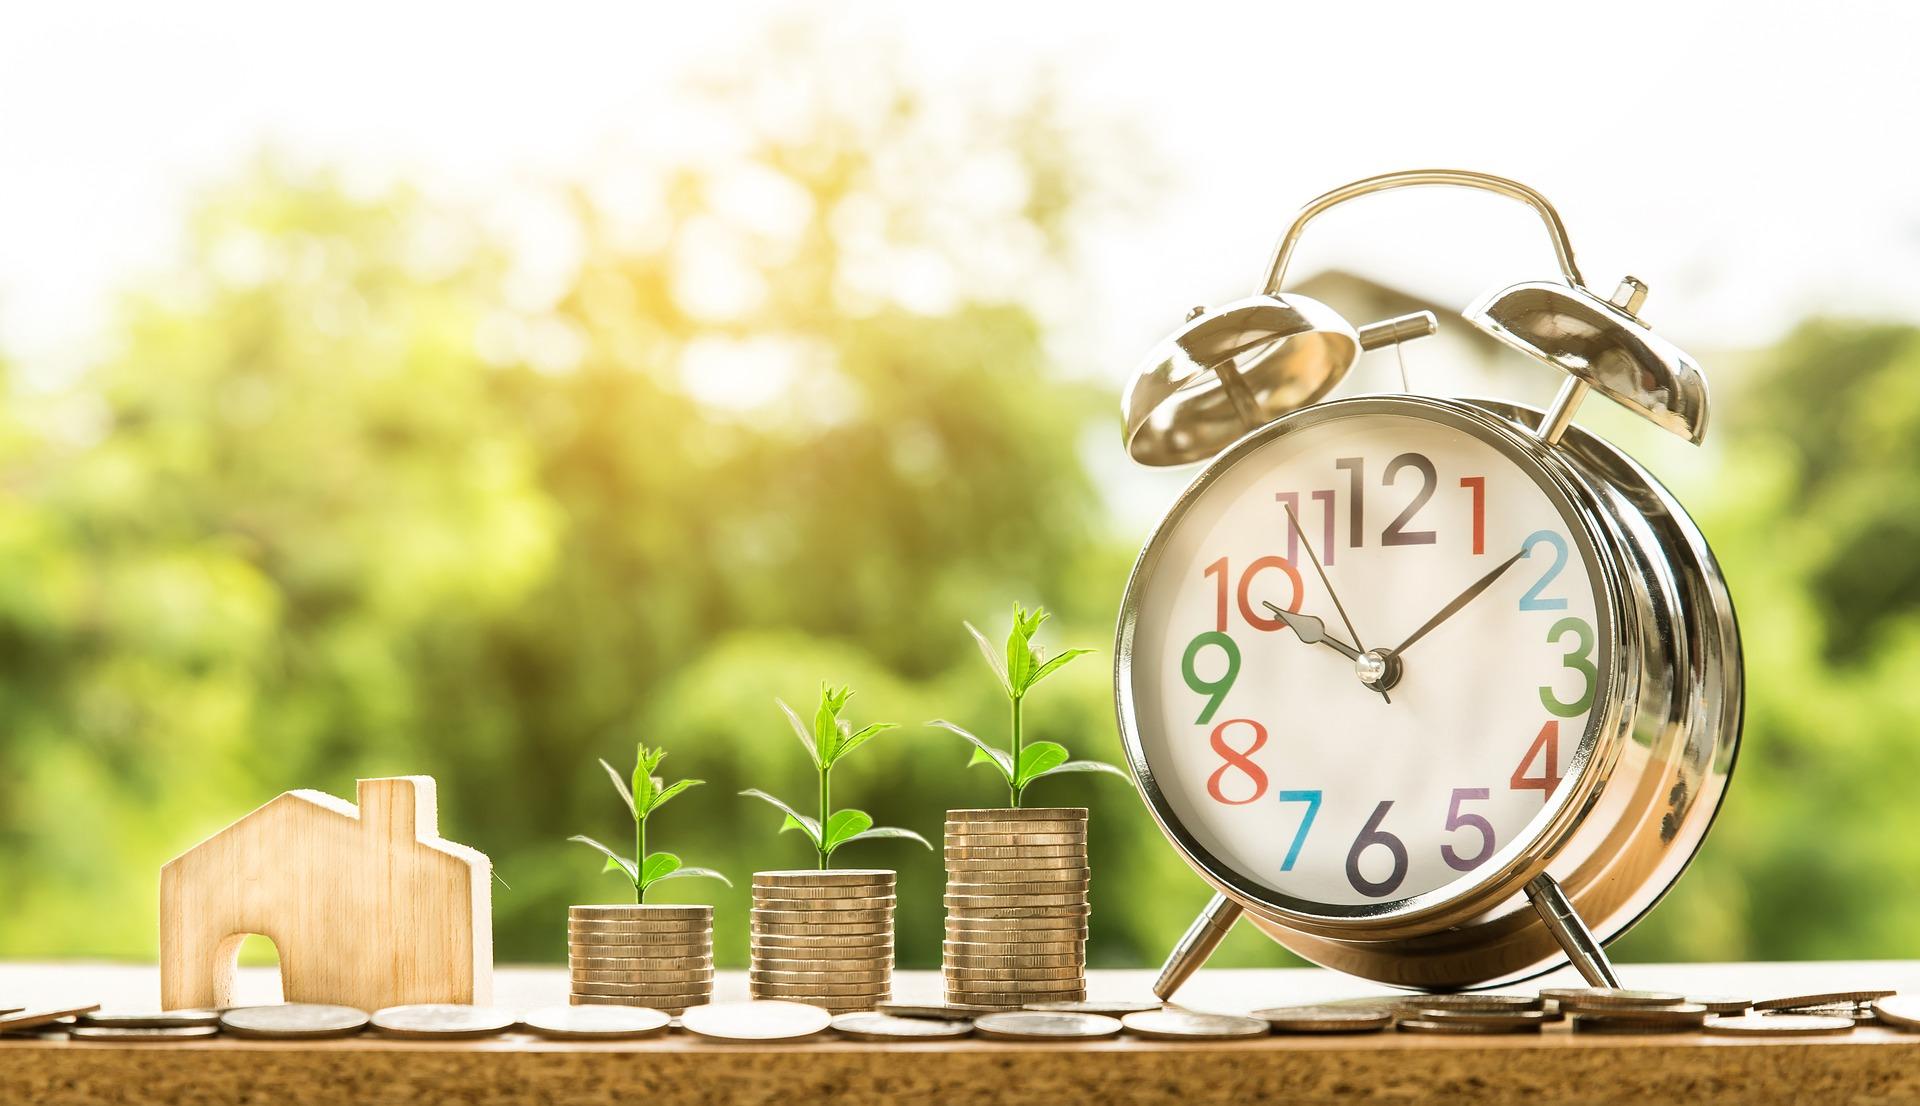 Wann steigen die Zinsen?